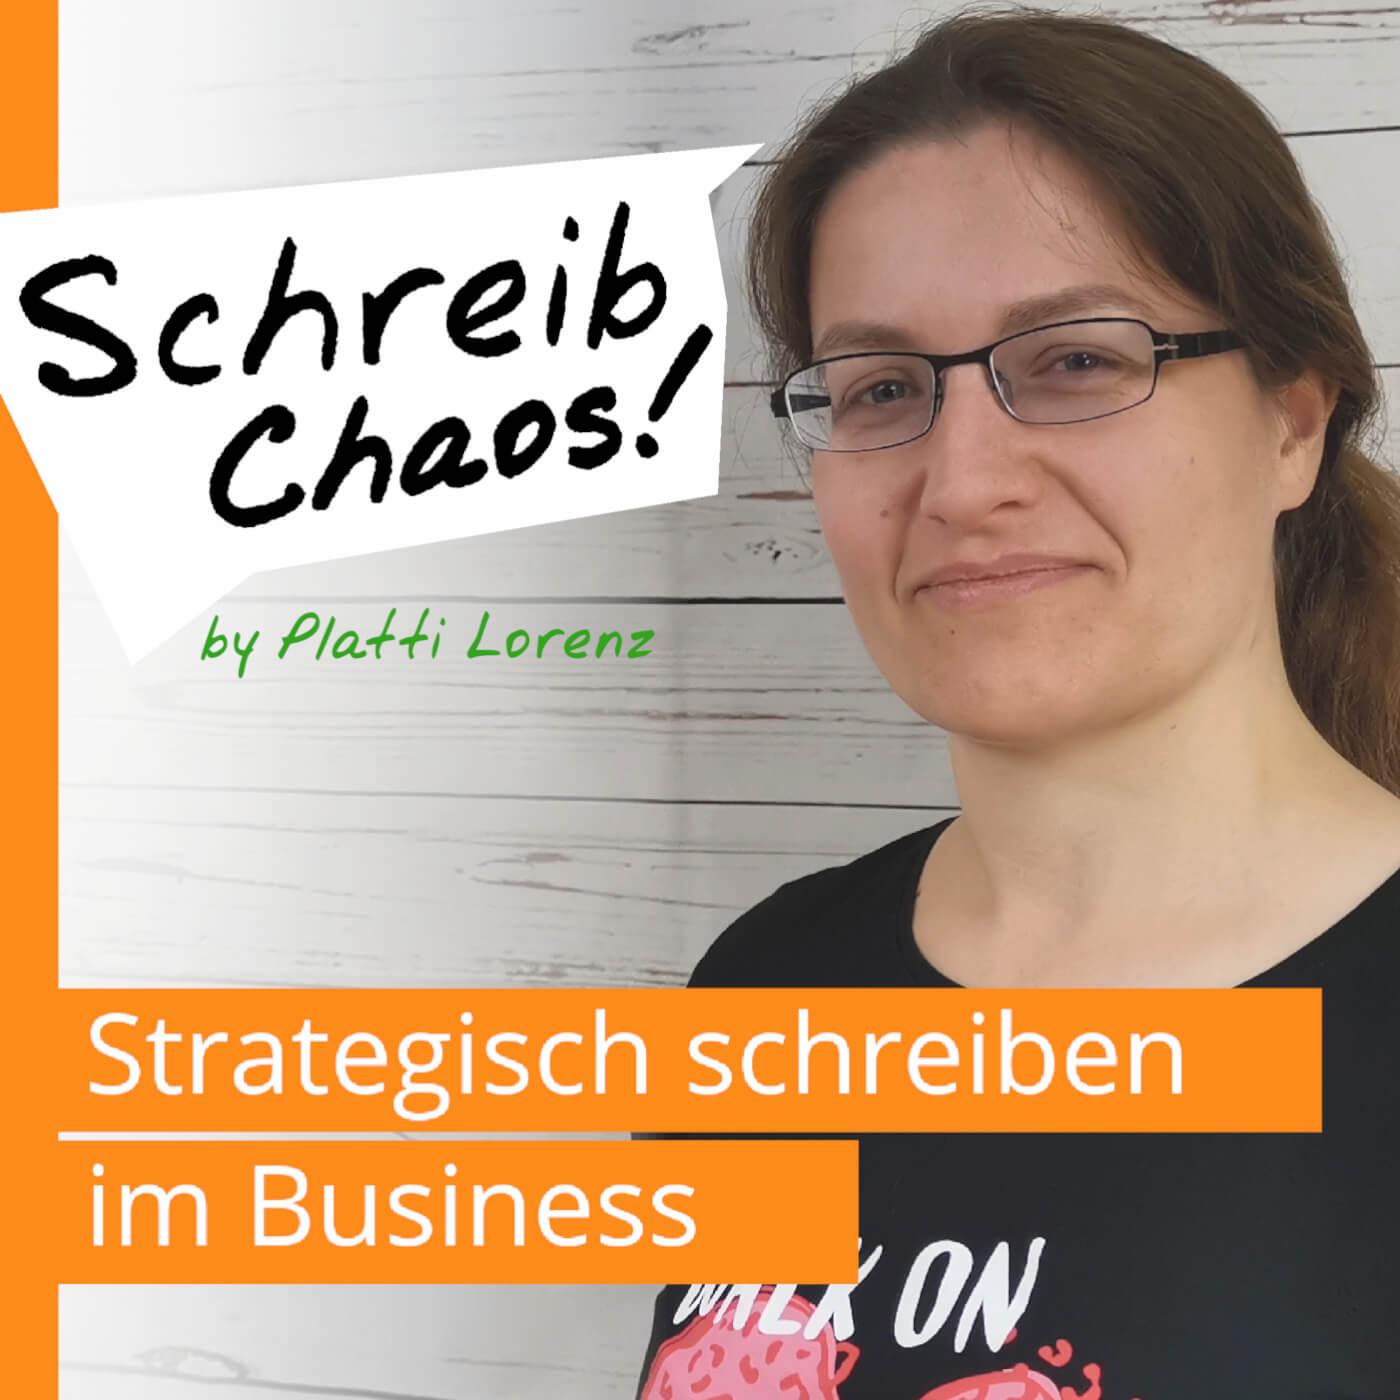 Schreib Chaos Podcast   strategisch schreiben im business   Logo 2020 1402x1402